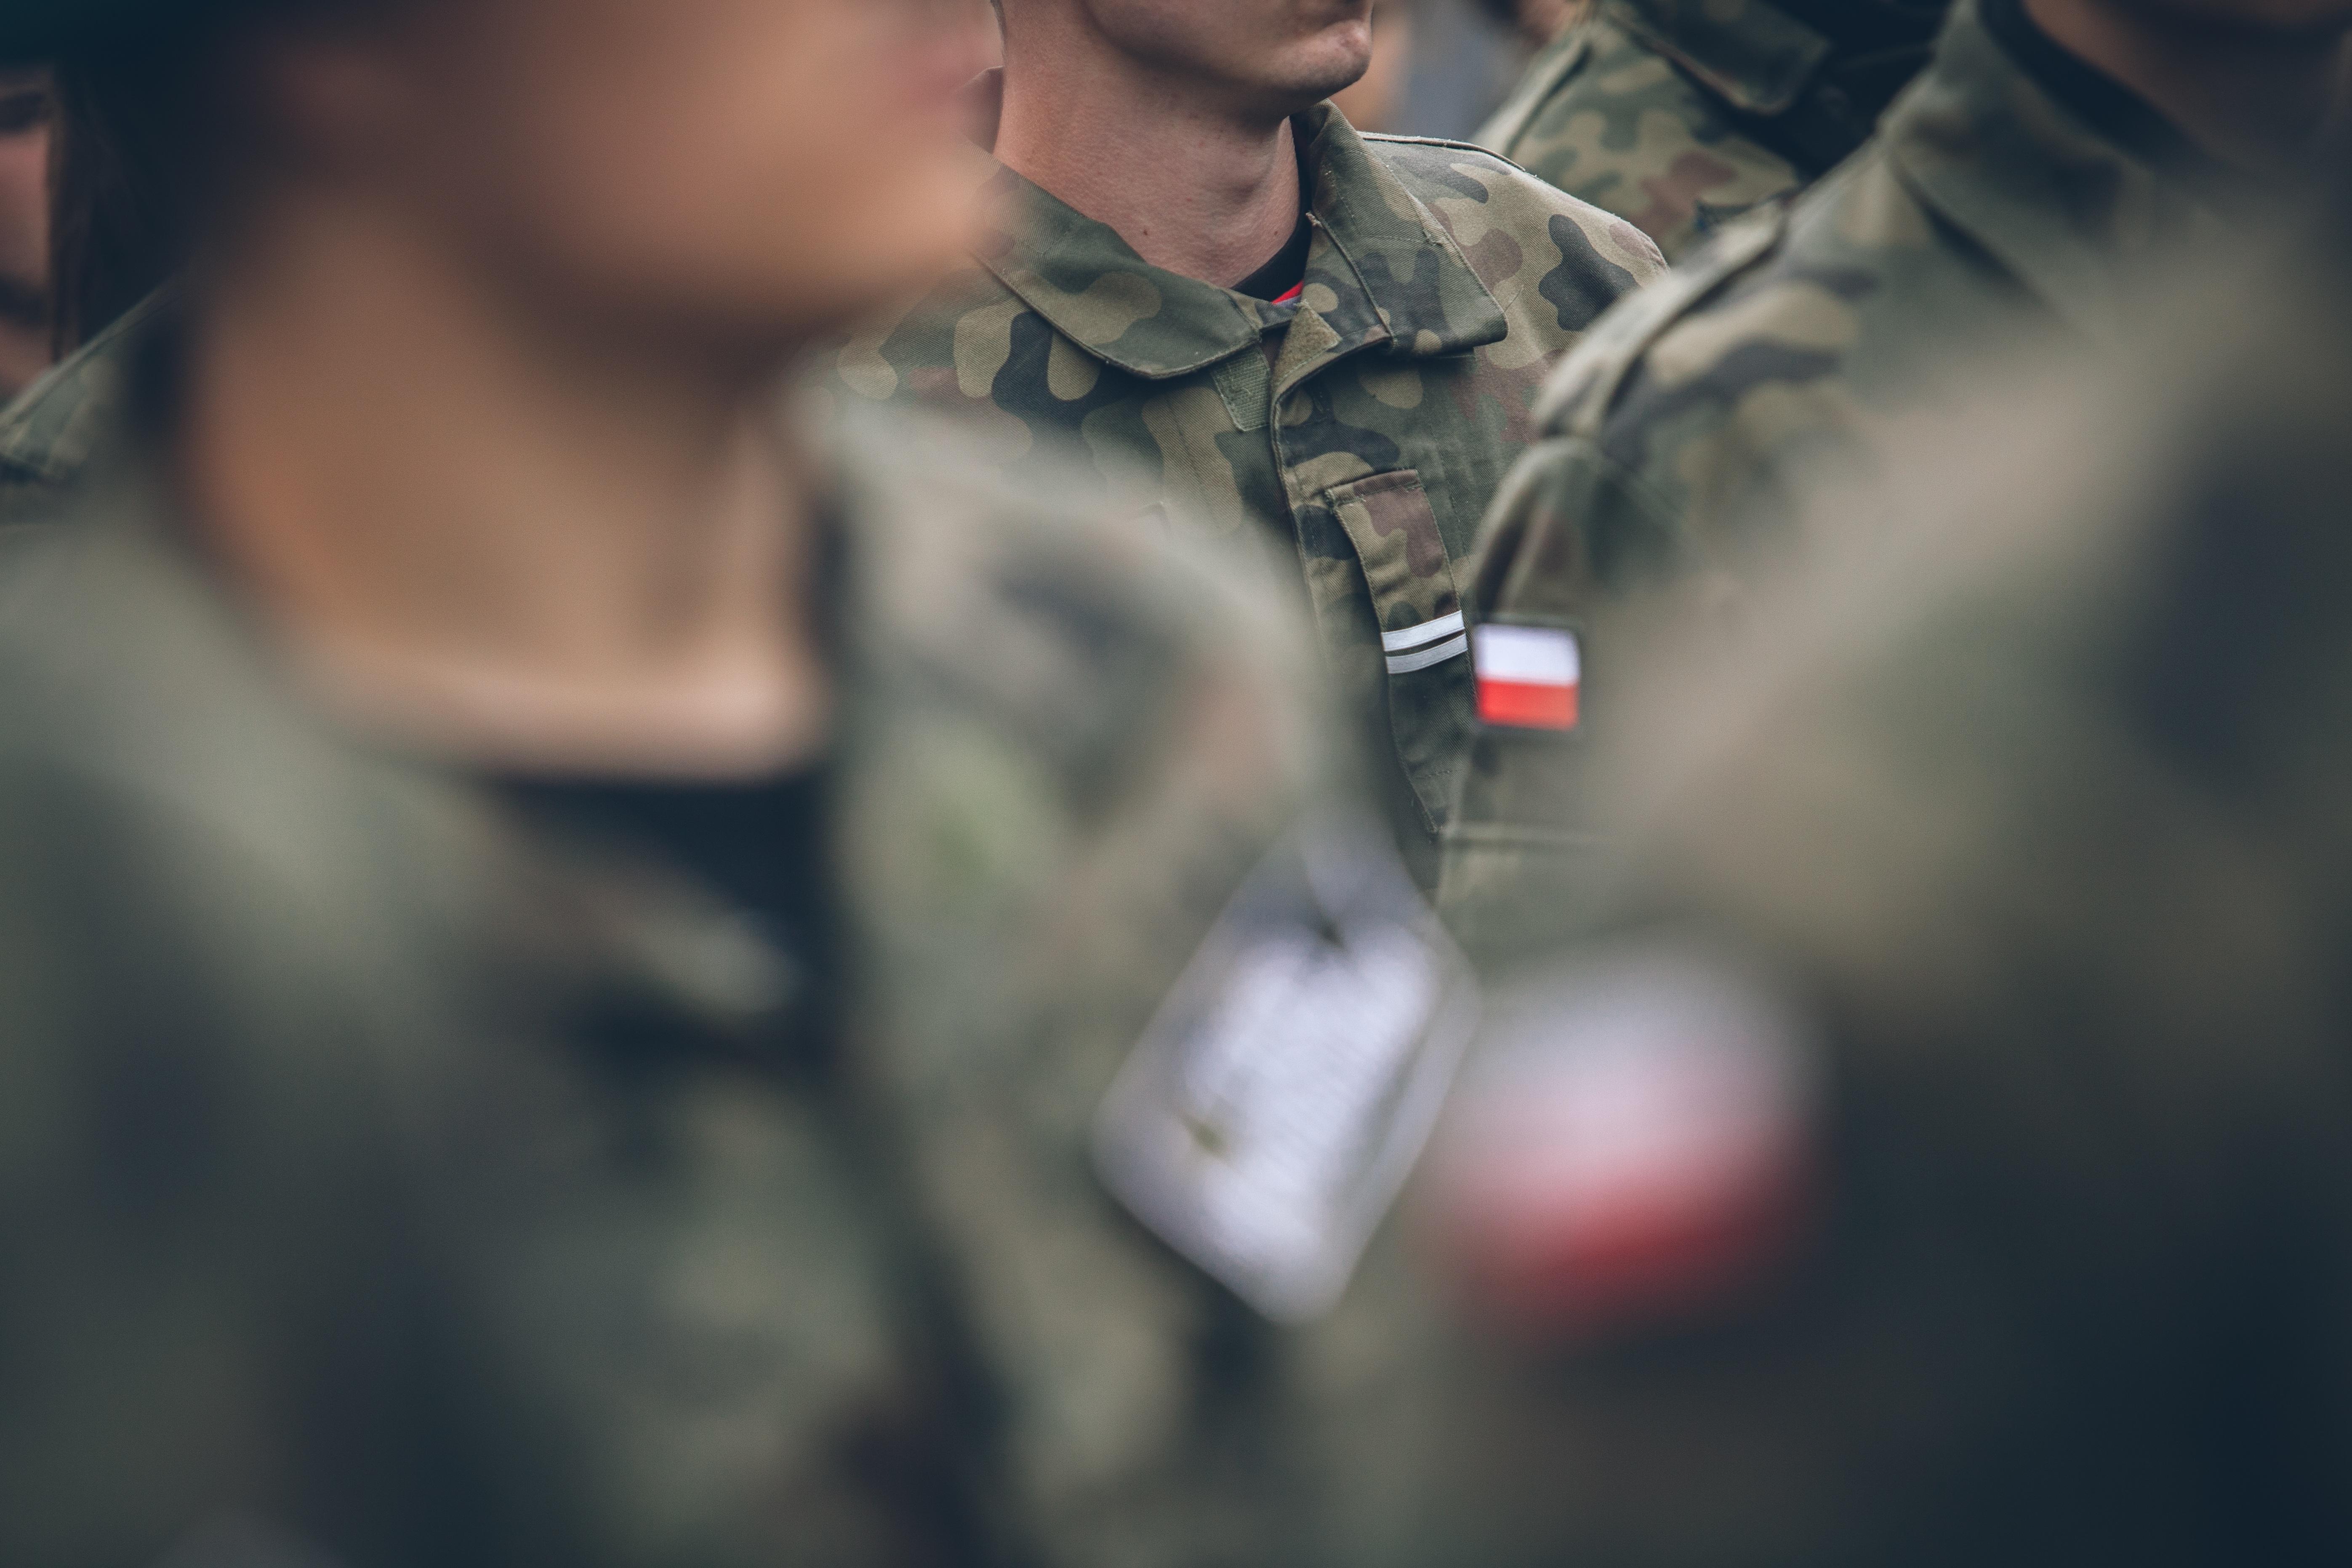 Elementy z jakich składa się mundur wyjściowy Wojska Polskiego